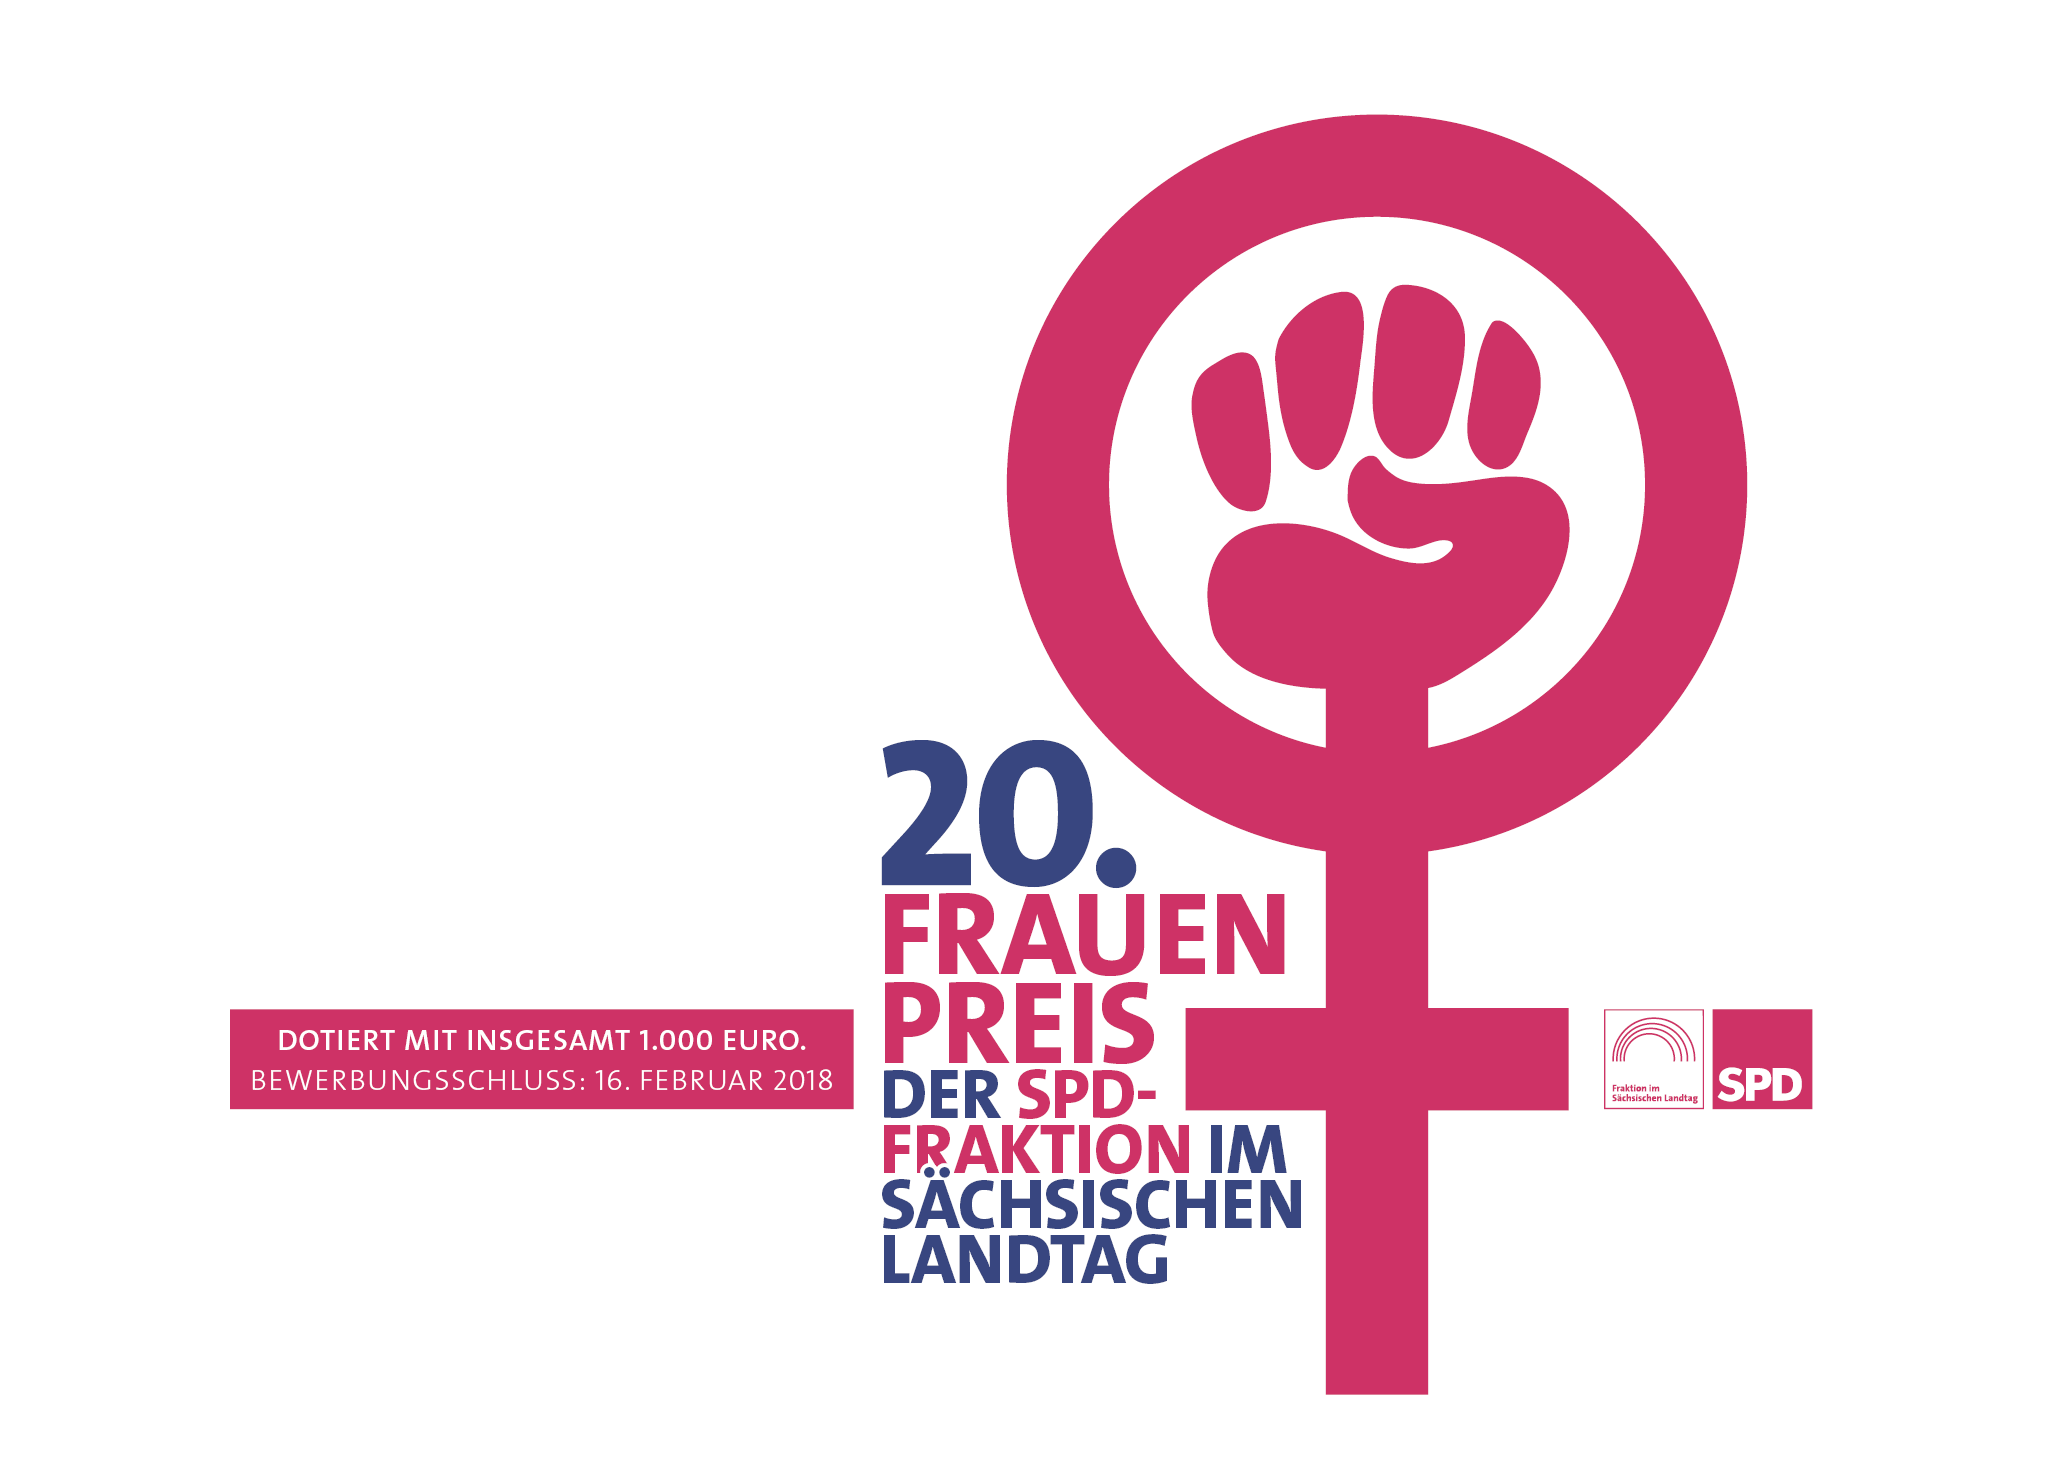 SPD-Landtagsfraktion verleiht ihren 20. Frauenpreis